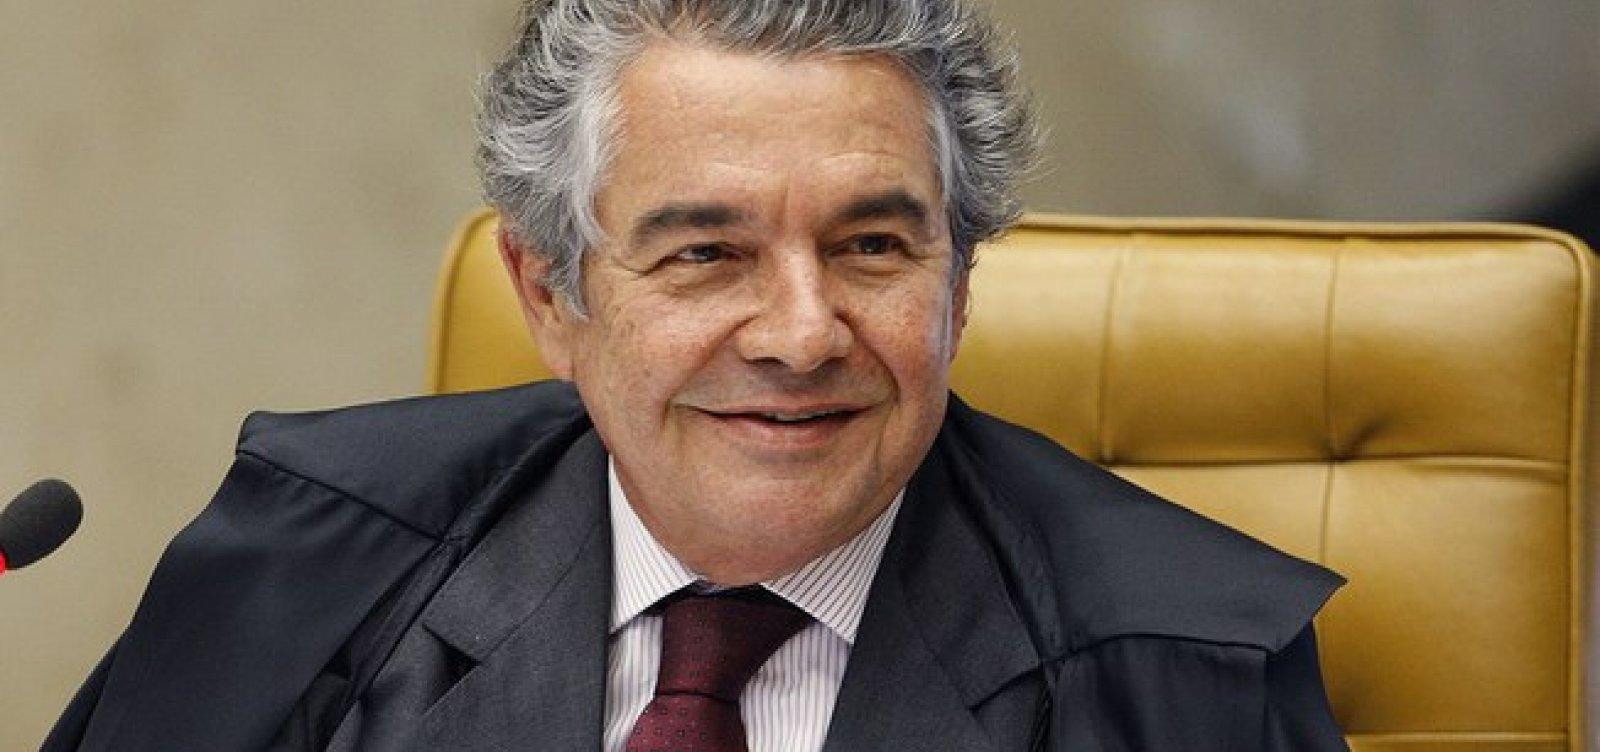 [Denúncia contra Glenn é problemática e perigosa, diz ministro Marco Aurélio]